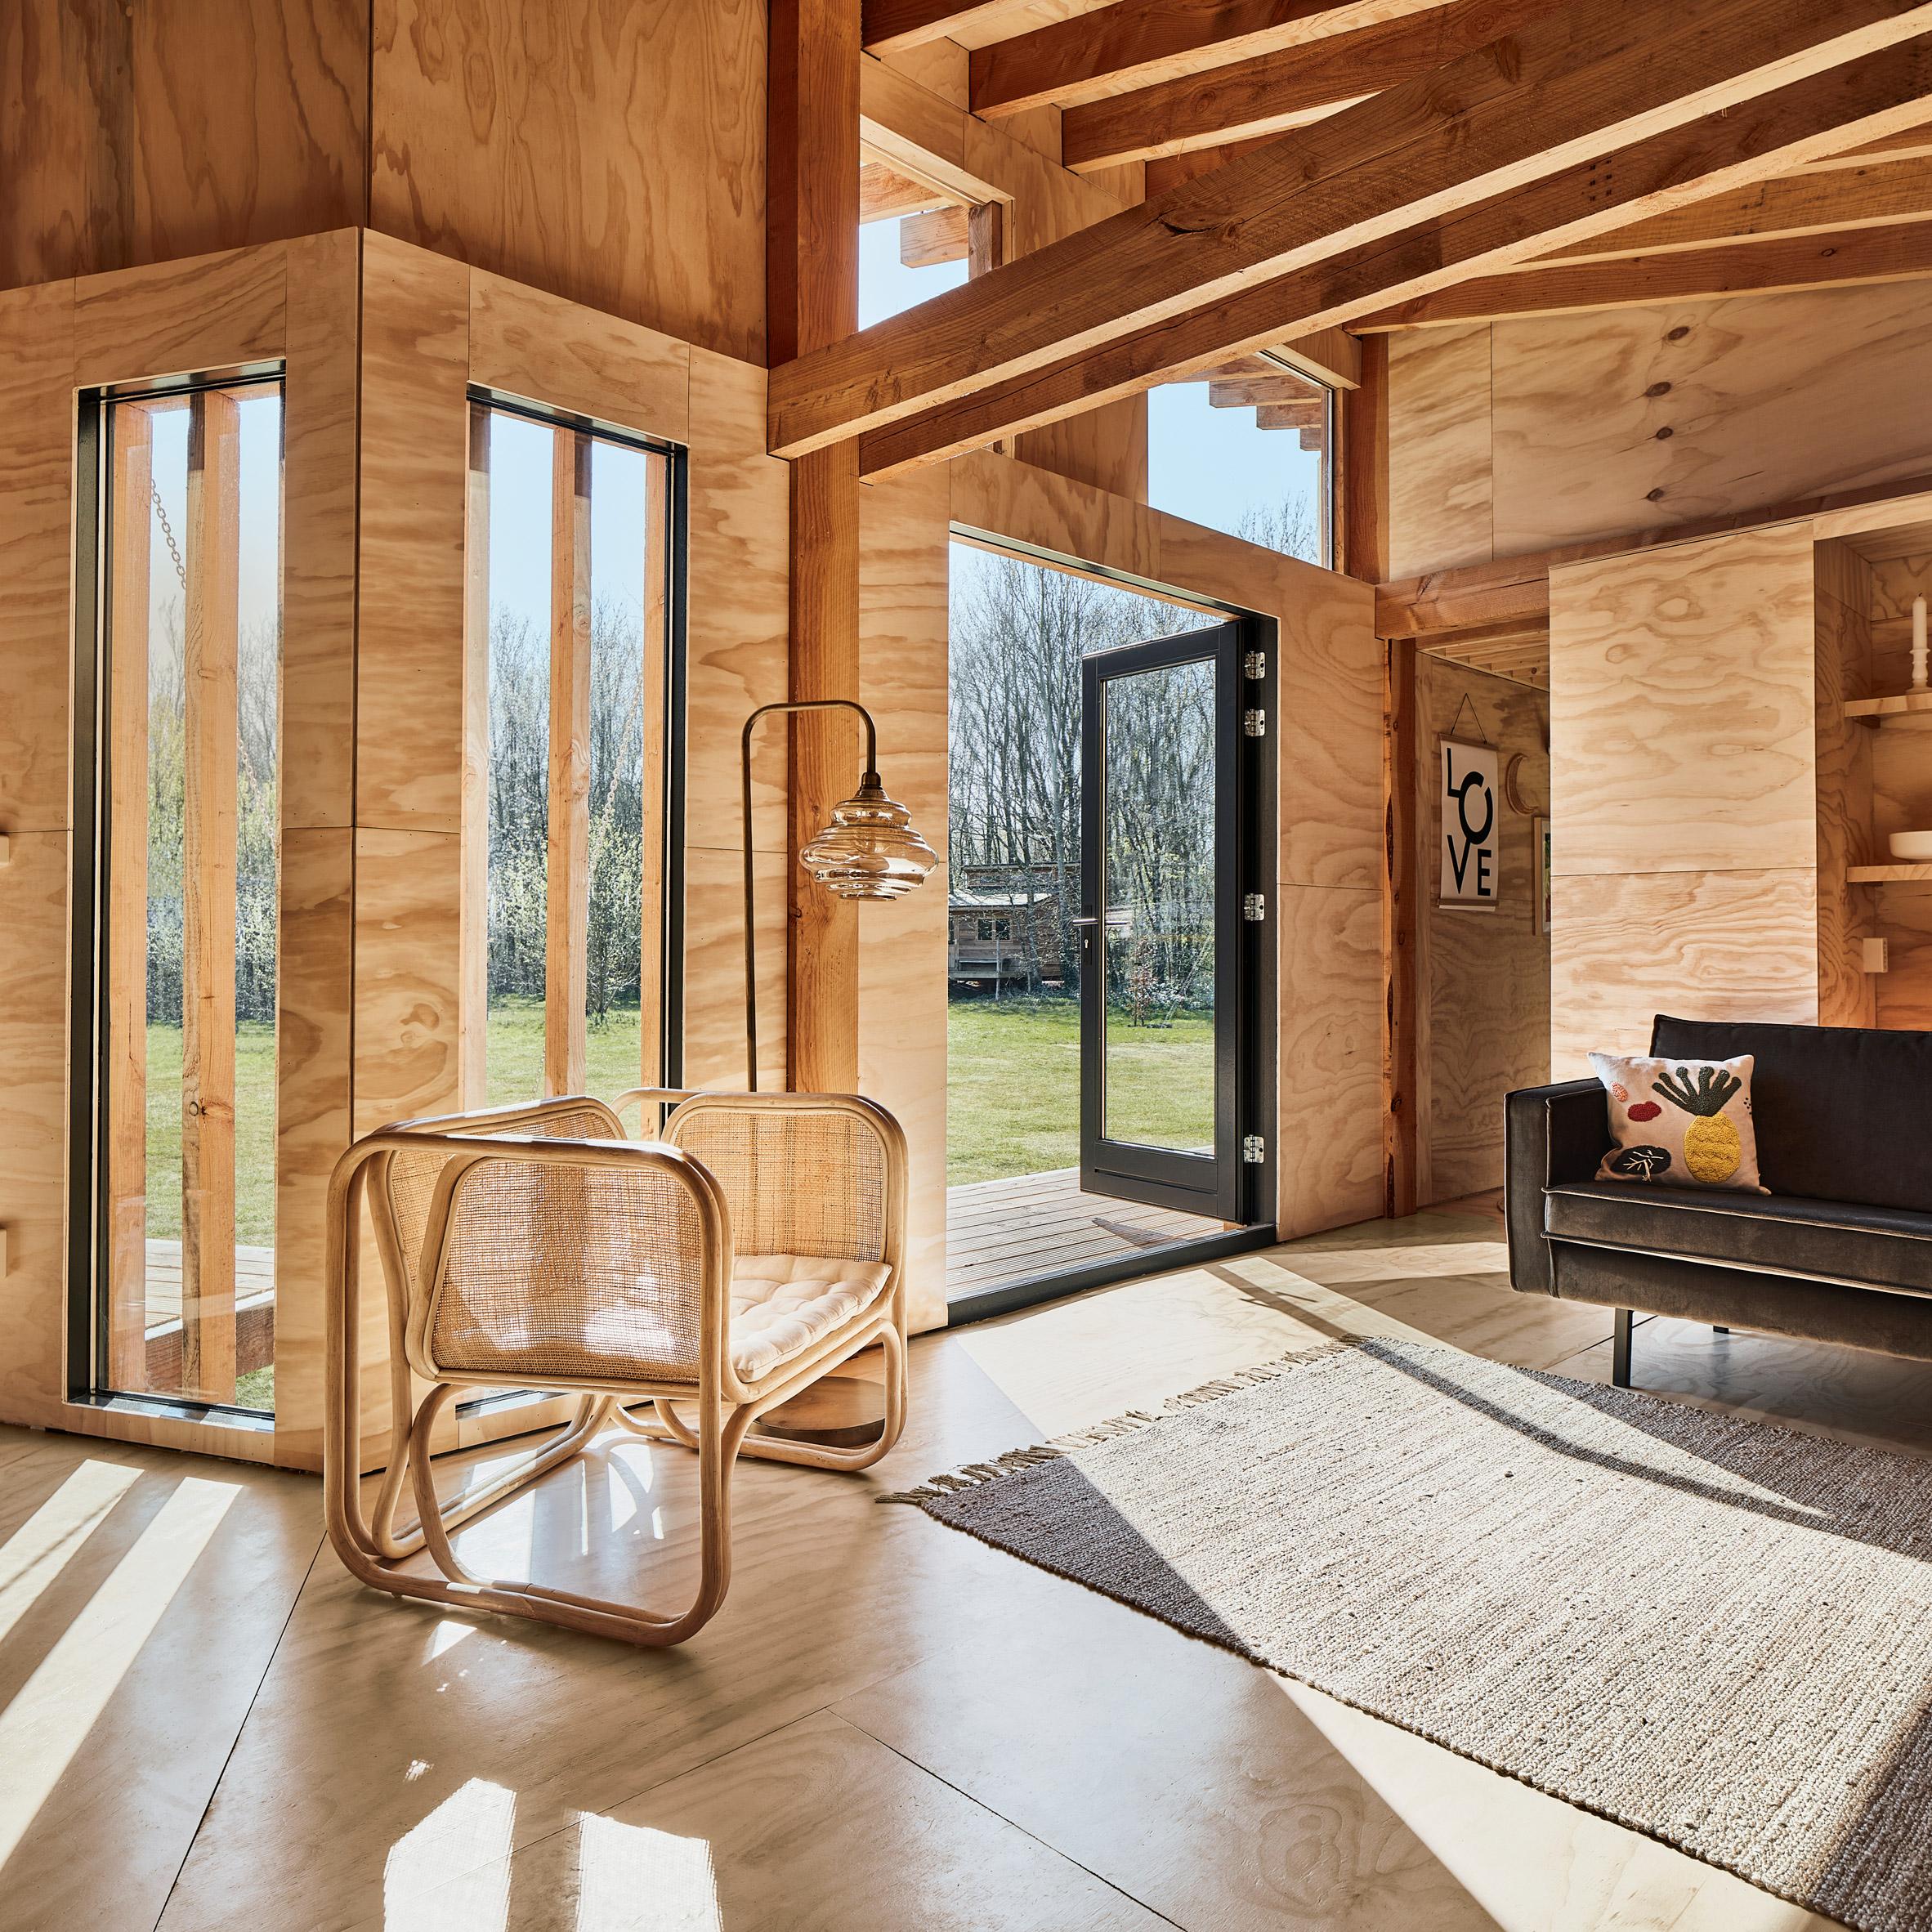 Mẫu nhà gỗ nhỏ đẹp 11